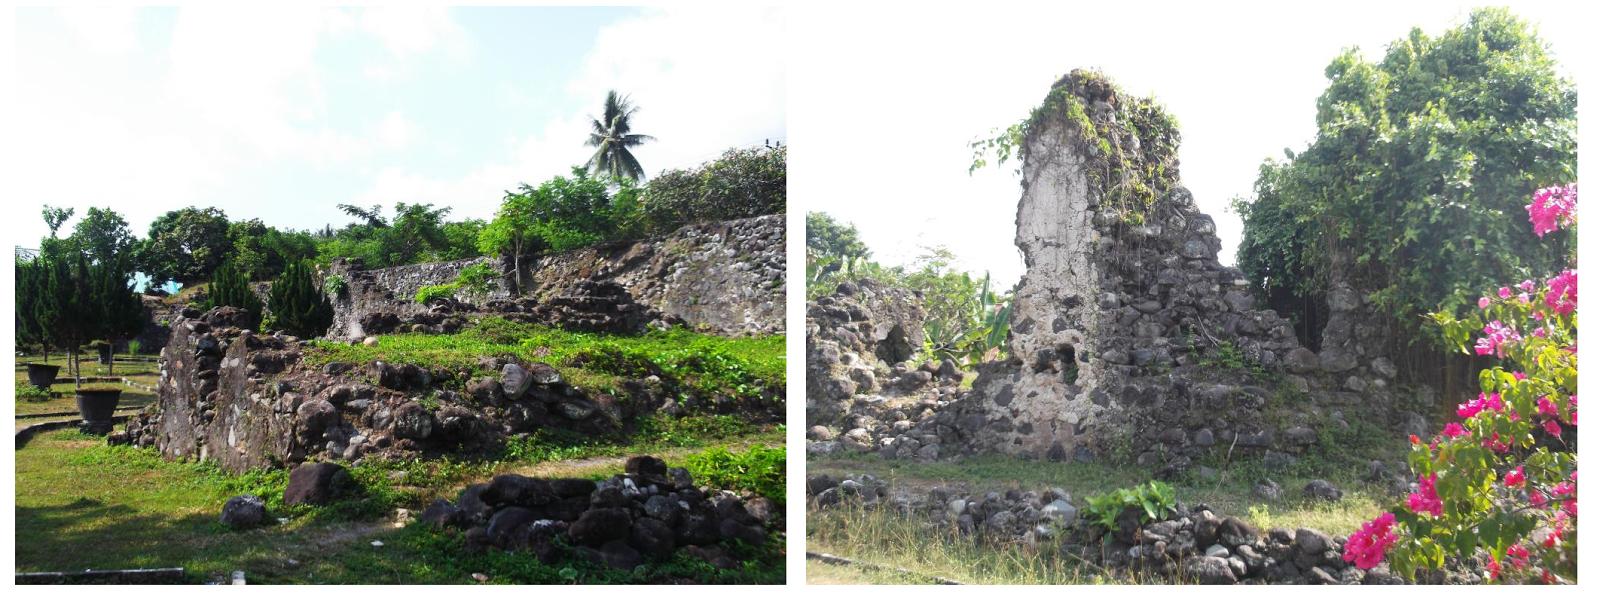 14 Tempat Wisata Kota Ternate Wajib Dikunjungi Provinsi Maluku Pantai